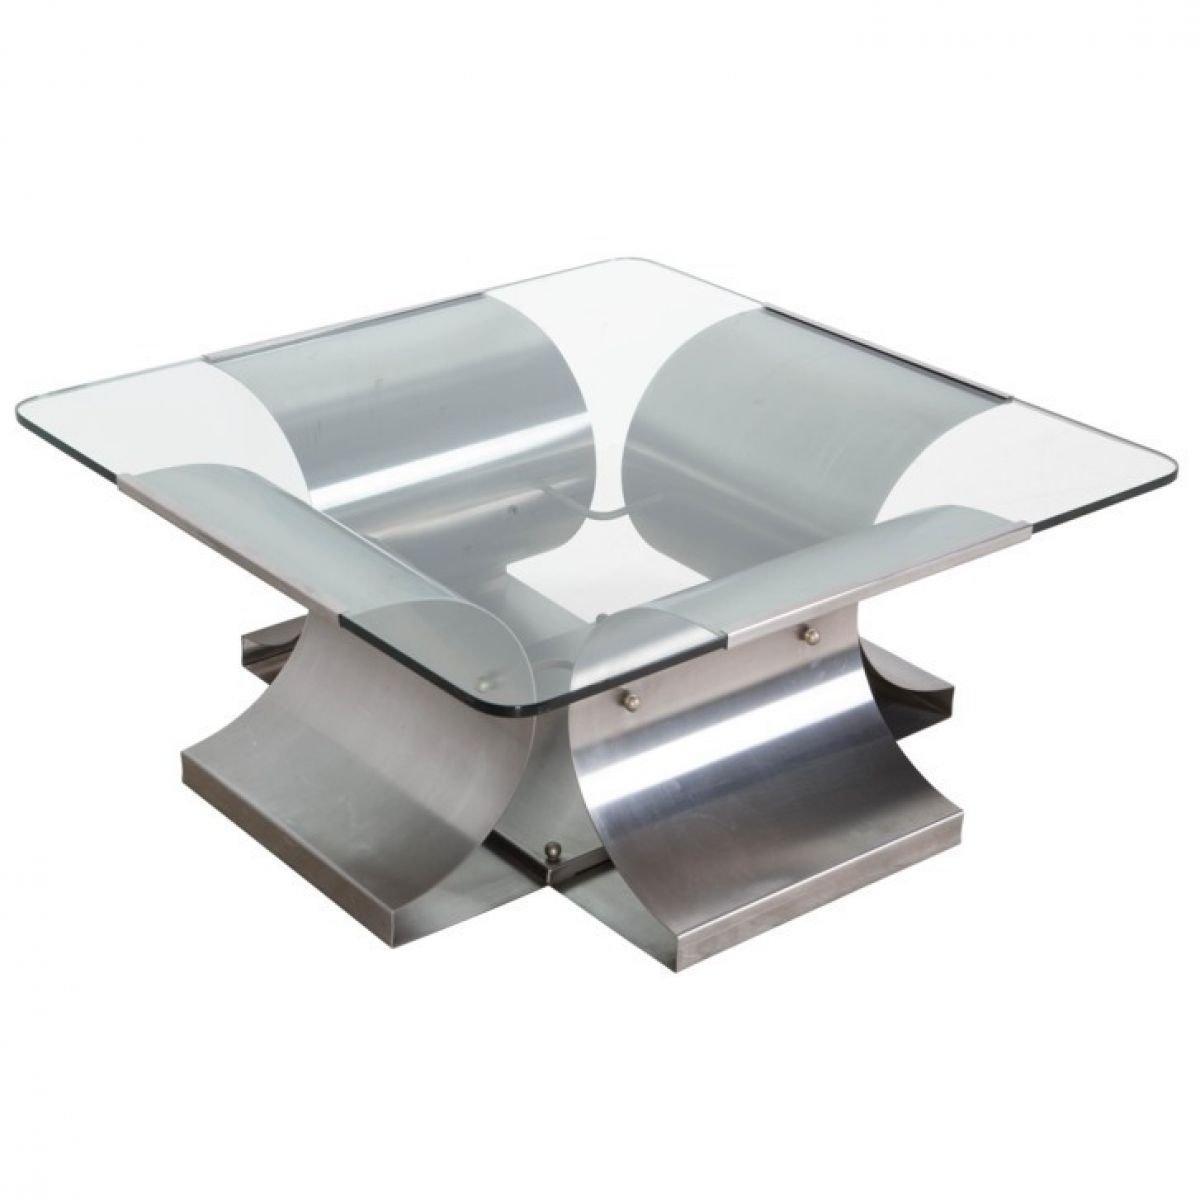 quadratischer franz sischer stahl tisch von francois monnet 1970er bei pamono kaufen. Black Bedroom Furniture Sets. Home Design Ideas